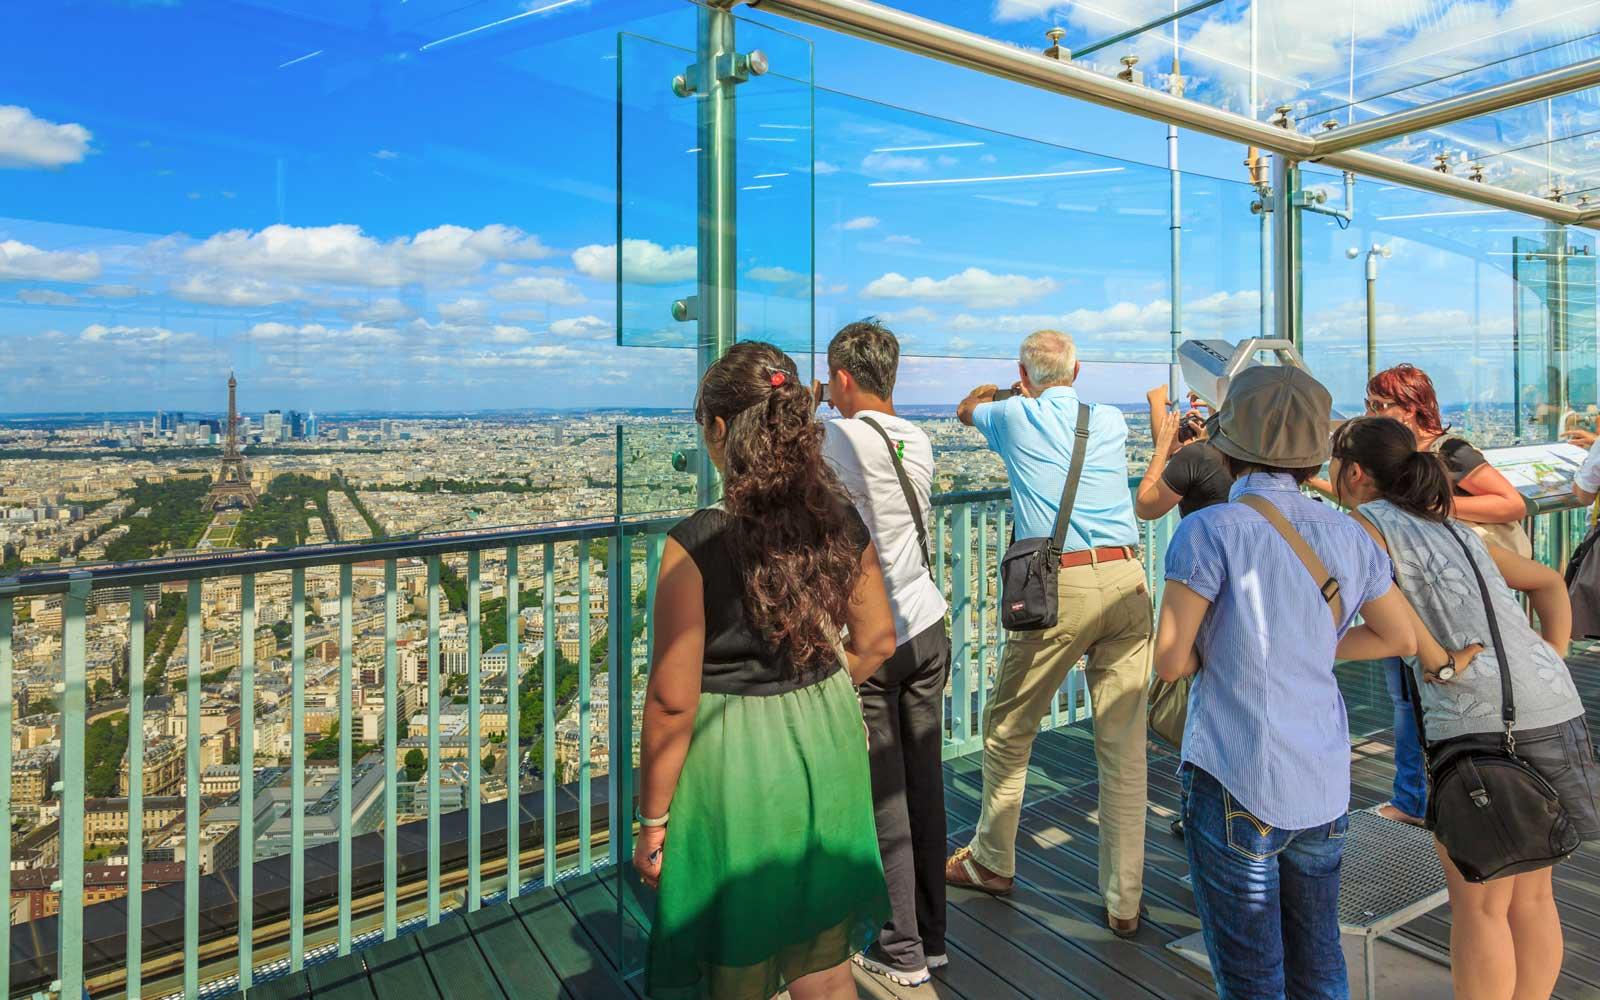 برج مونبارناس في باريس